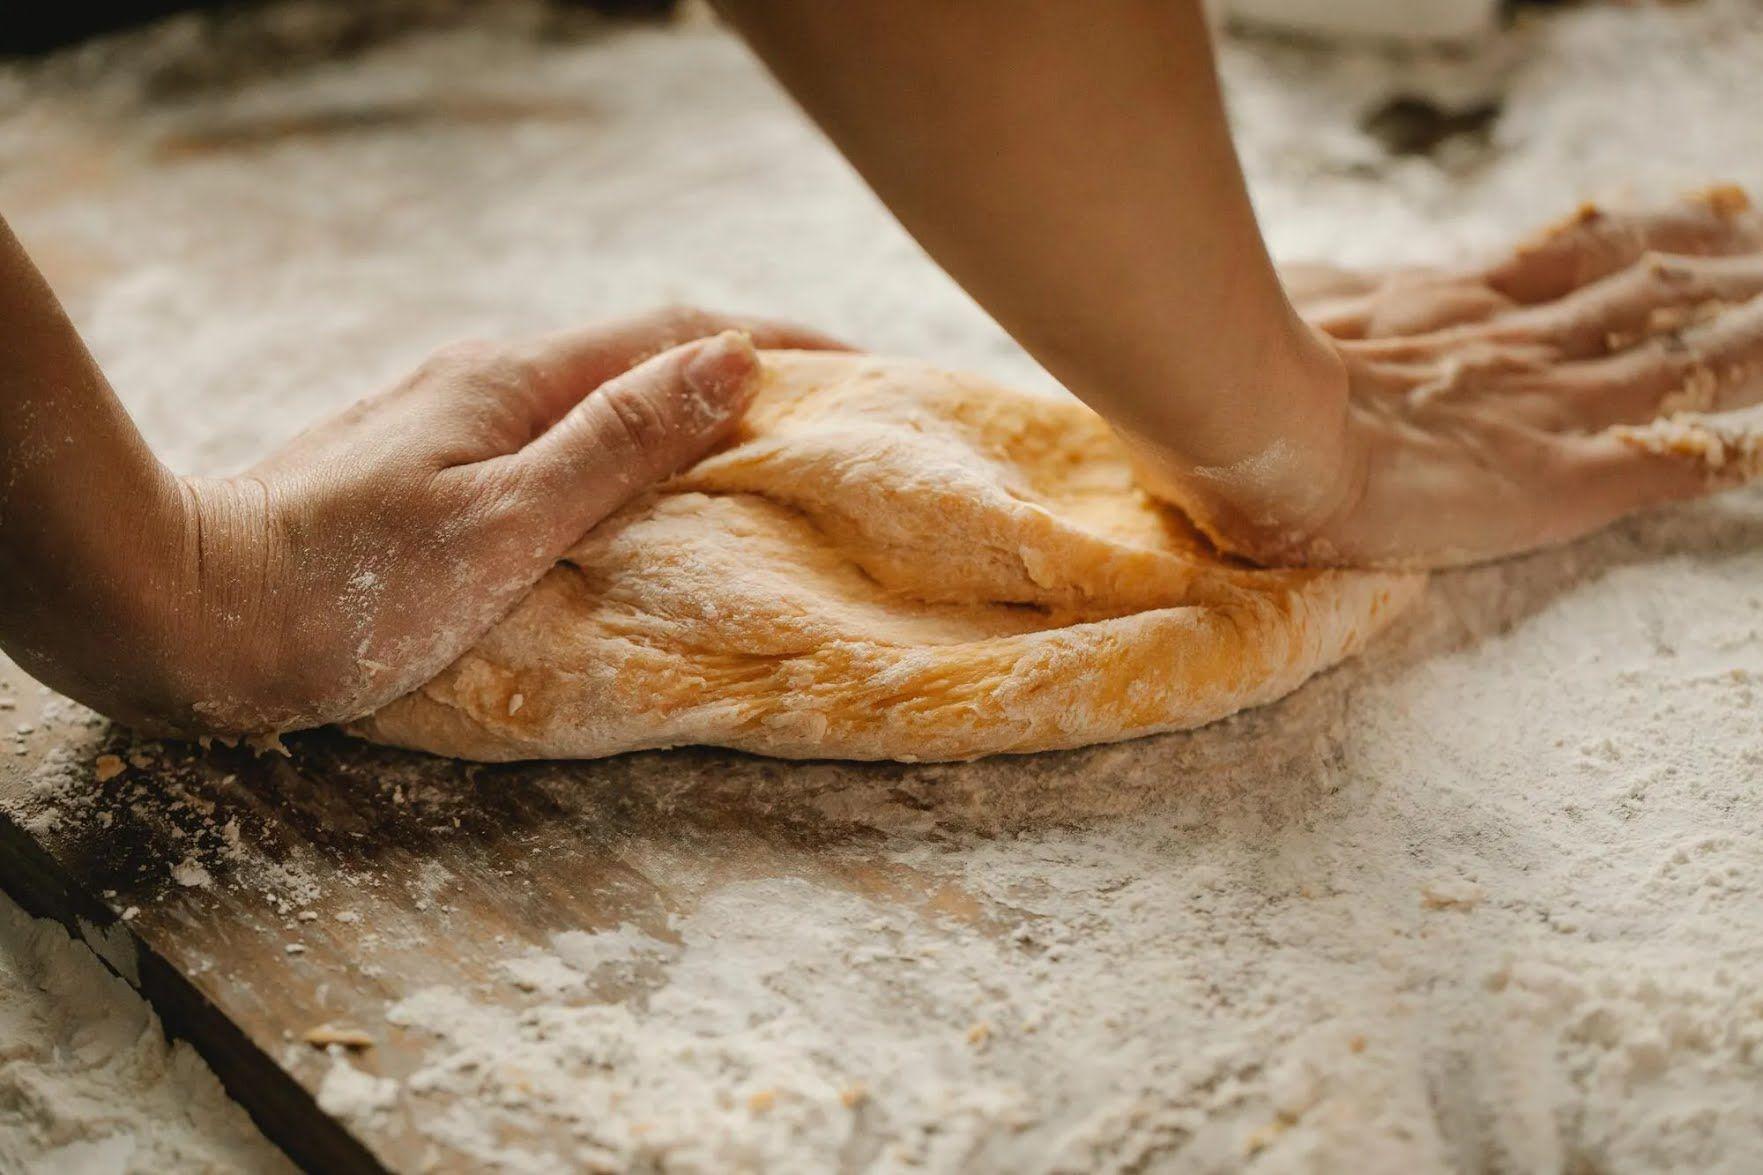 По традициям, этот день нужно провести на кухне за готовкой